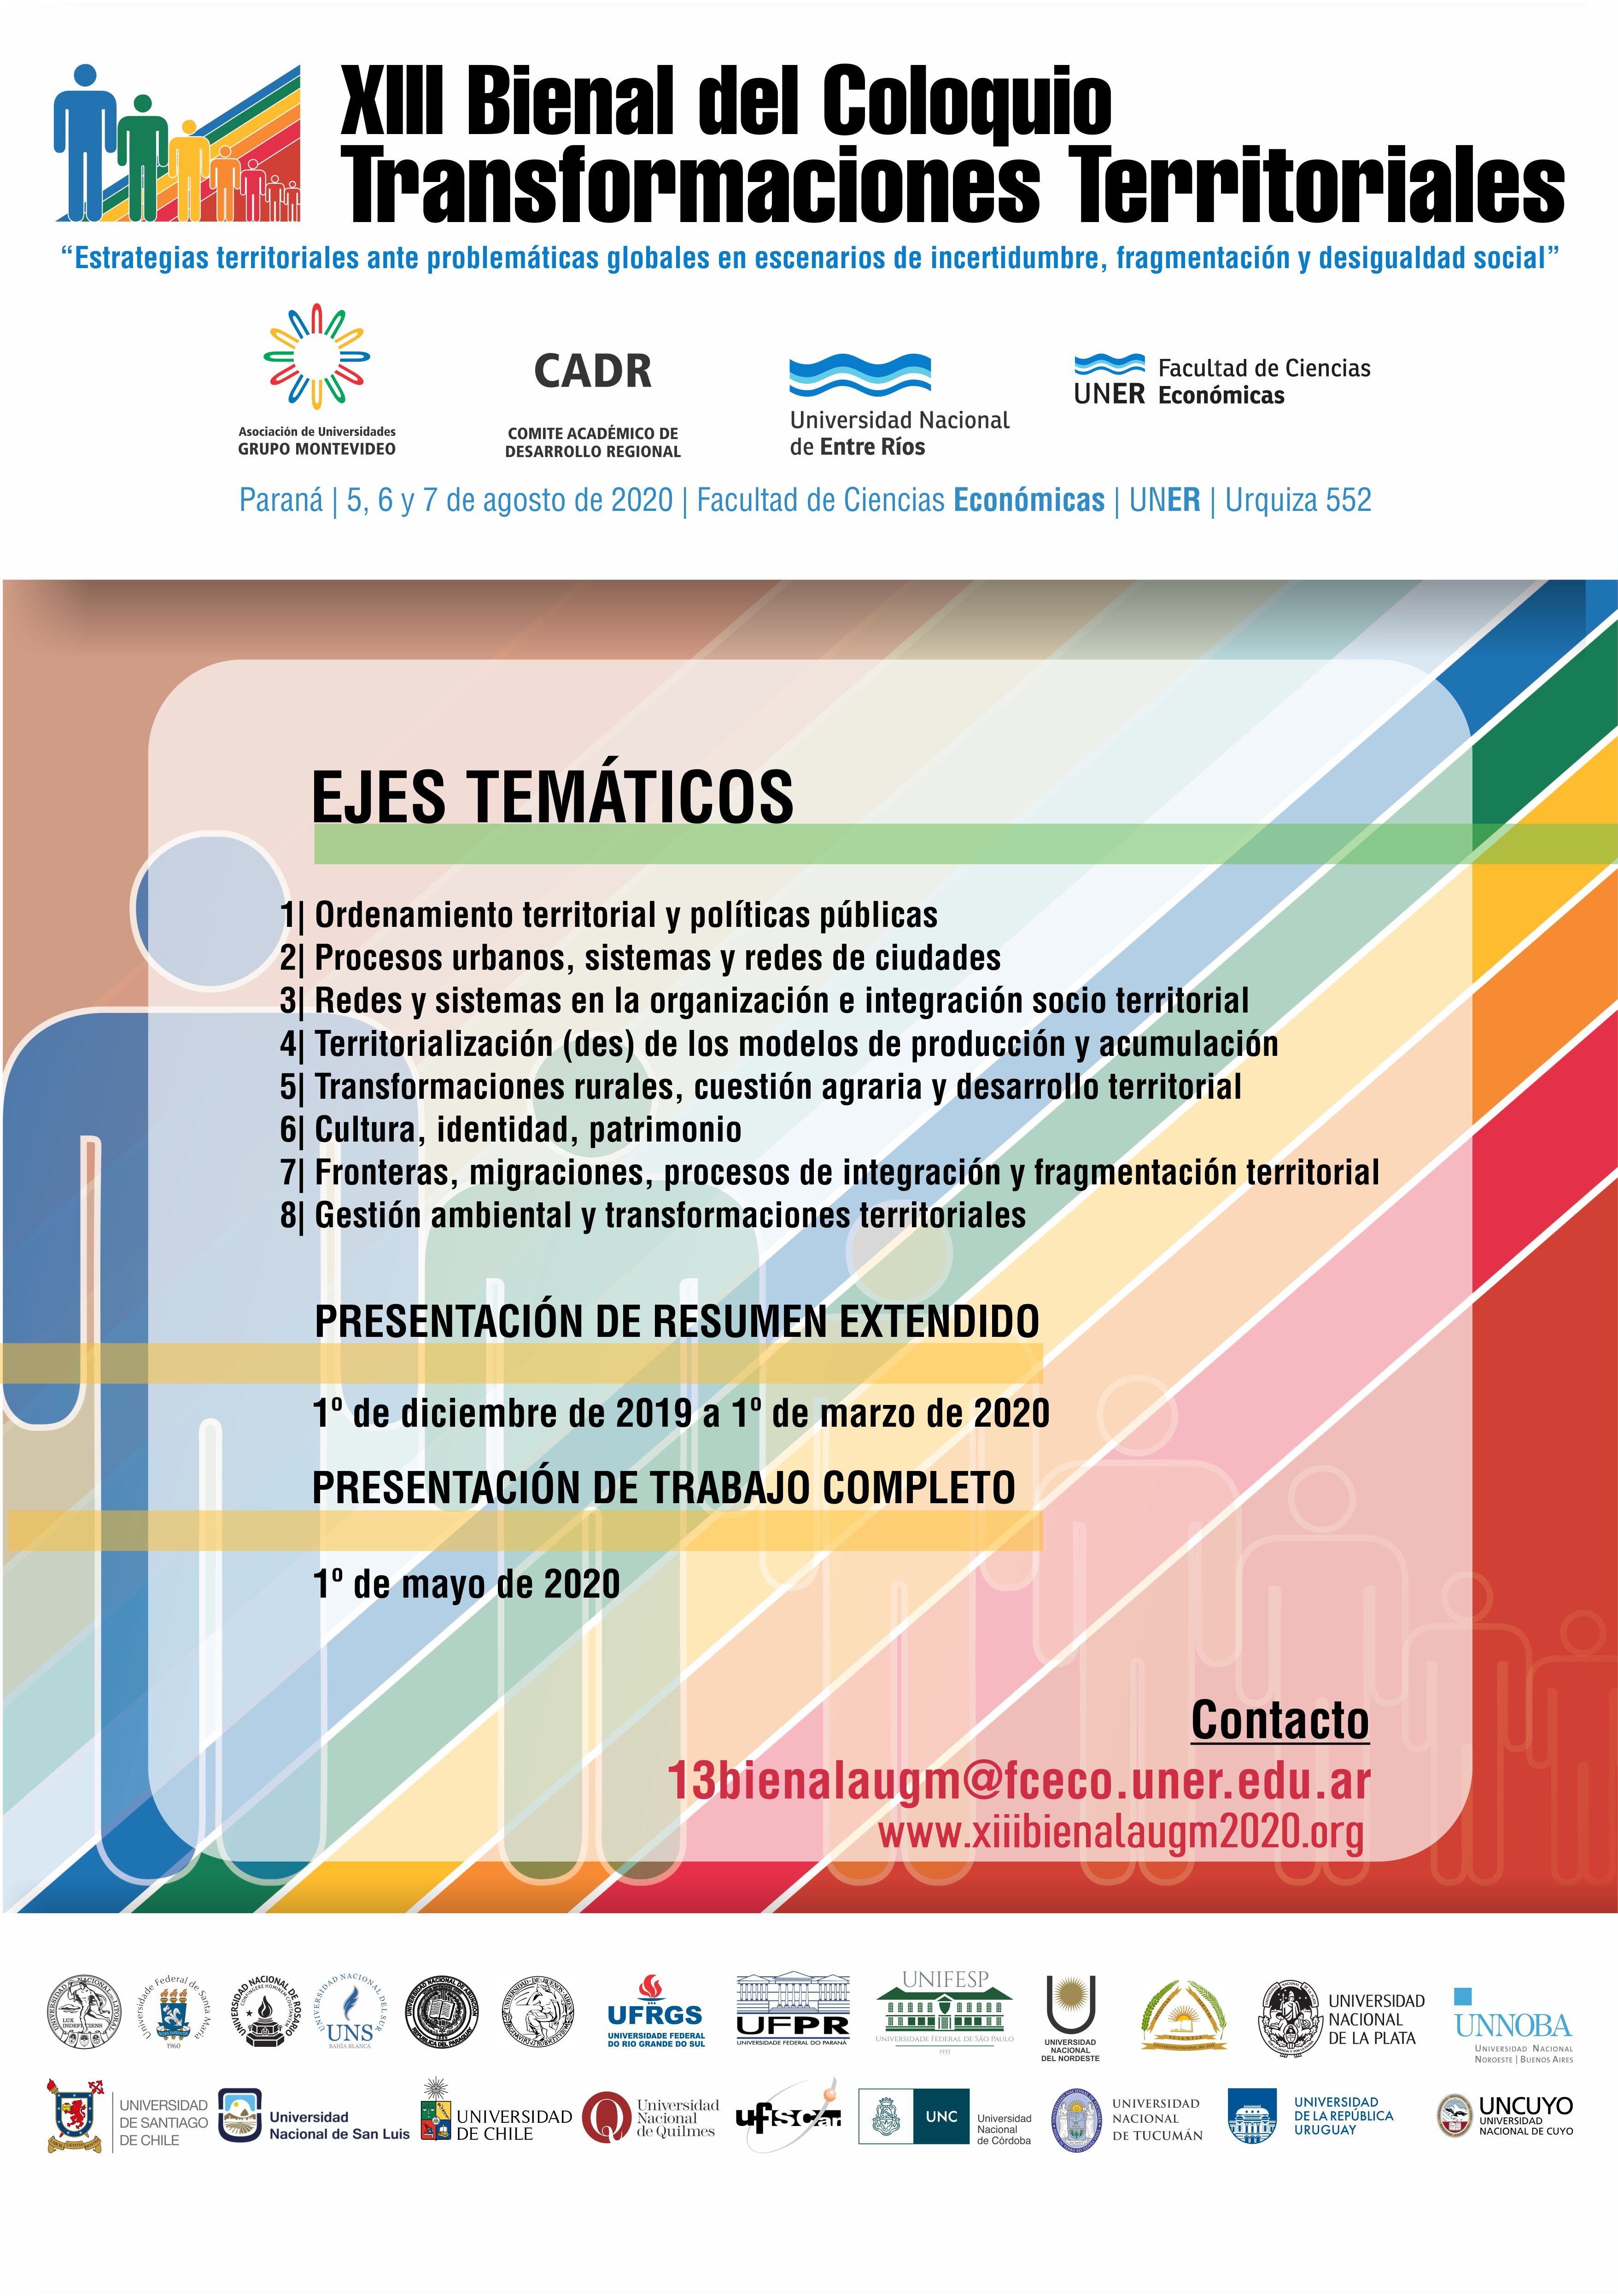 Primer Circular XIII Bienal del Coloquio de Transformaciones Territoriales 2020